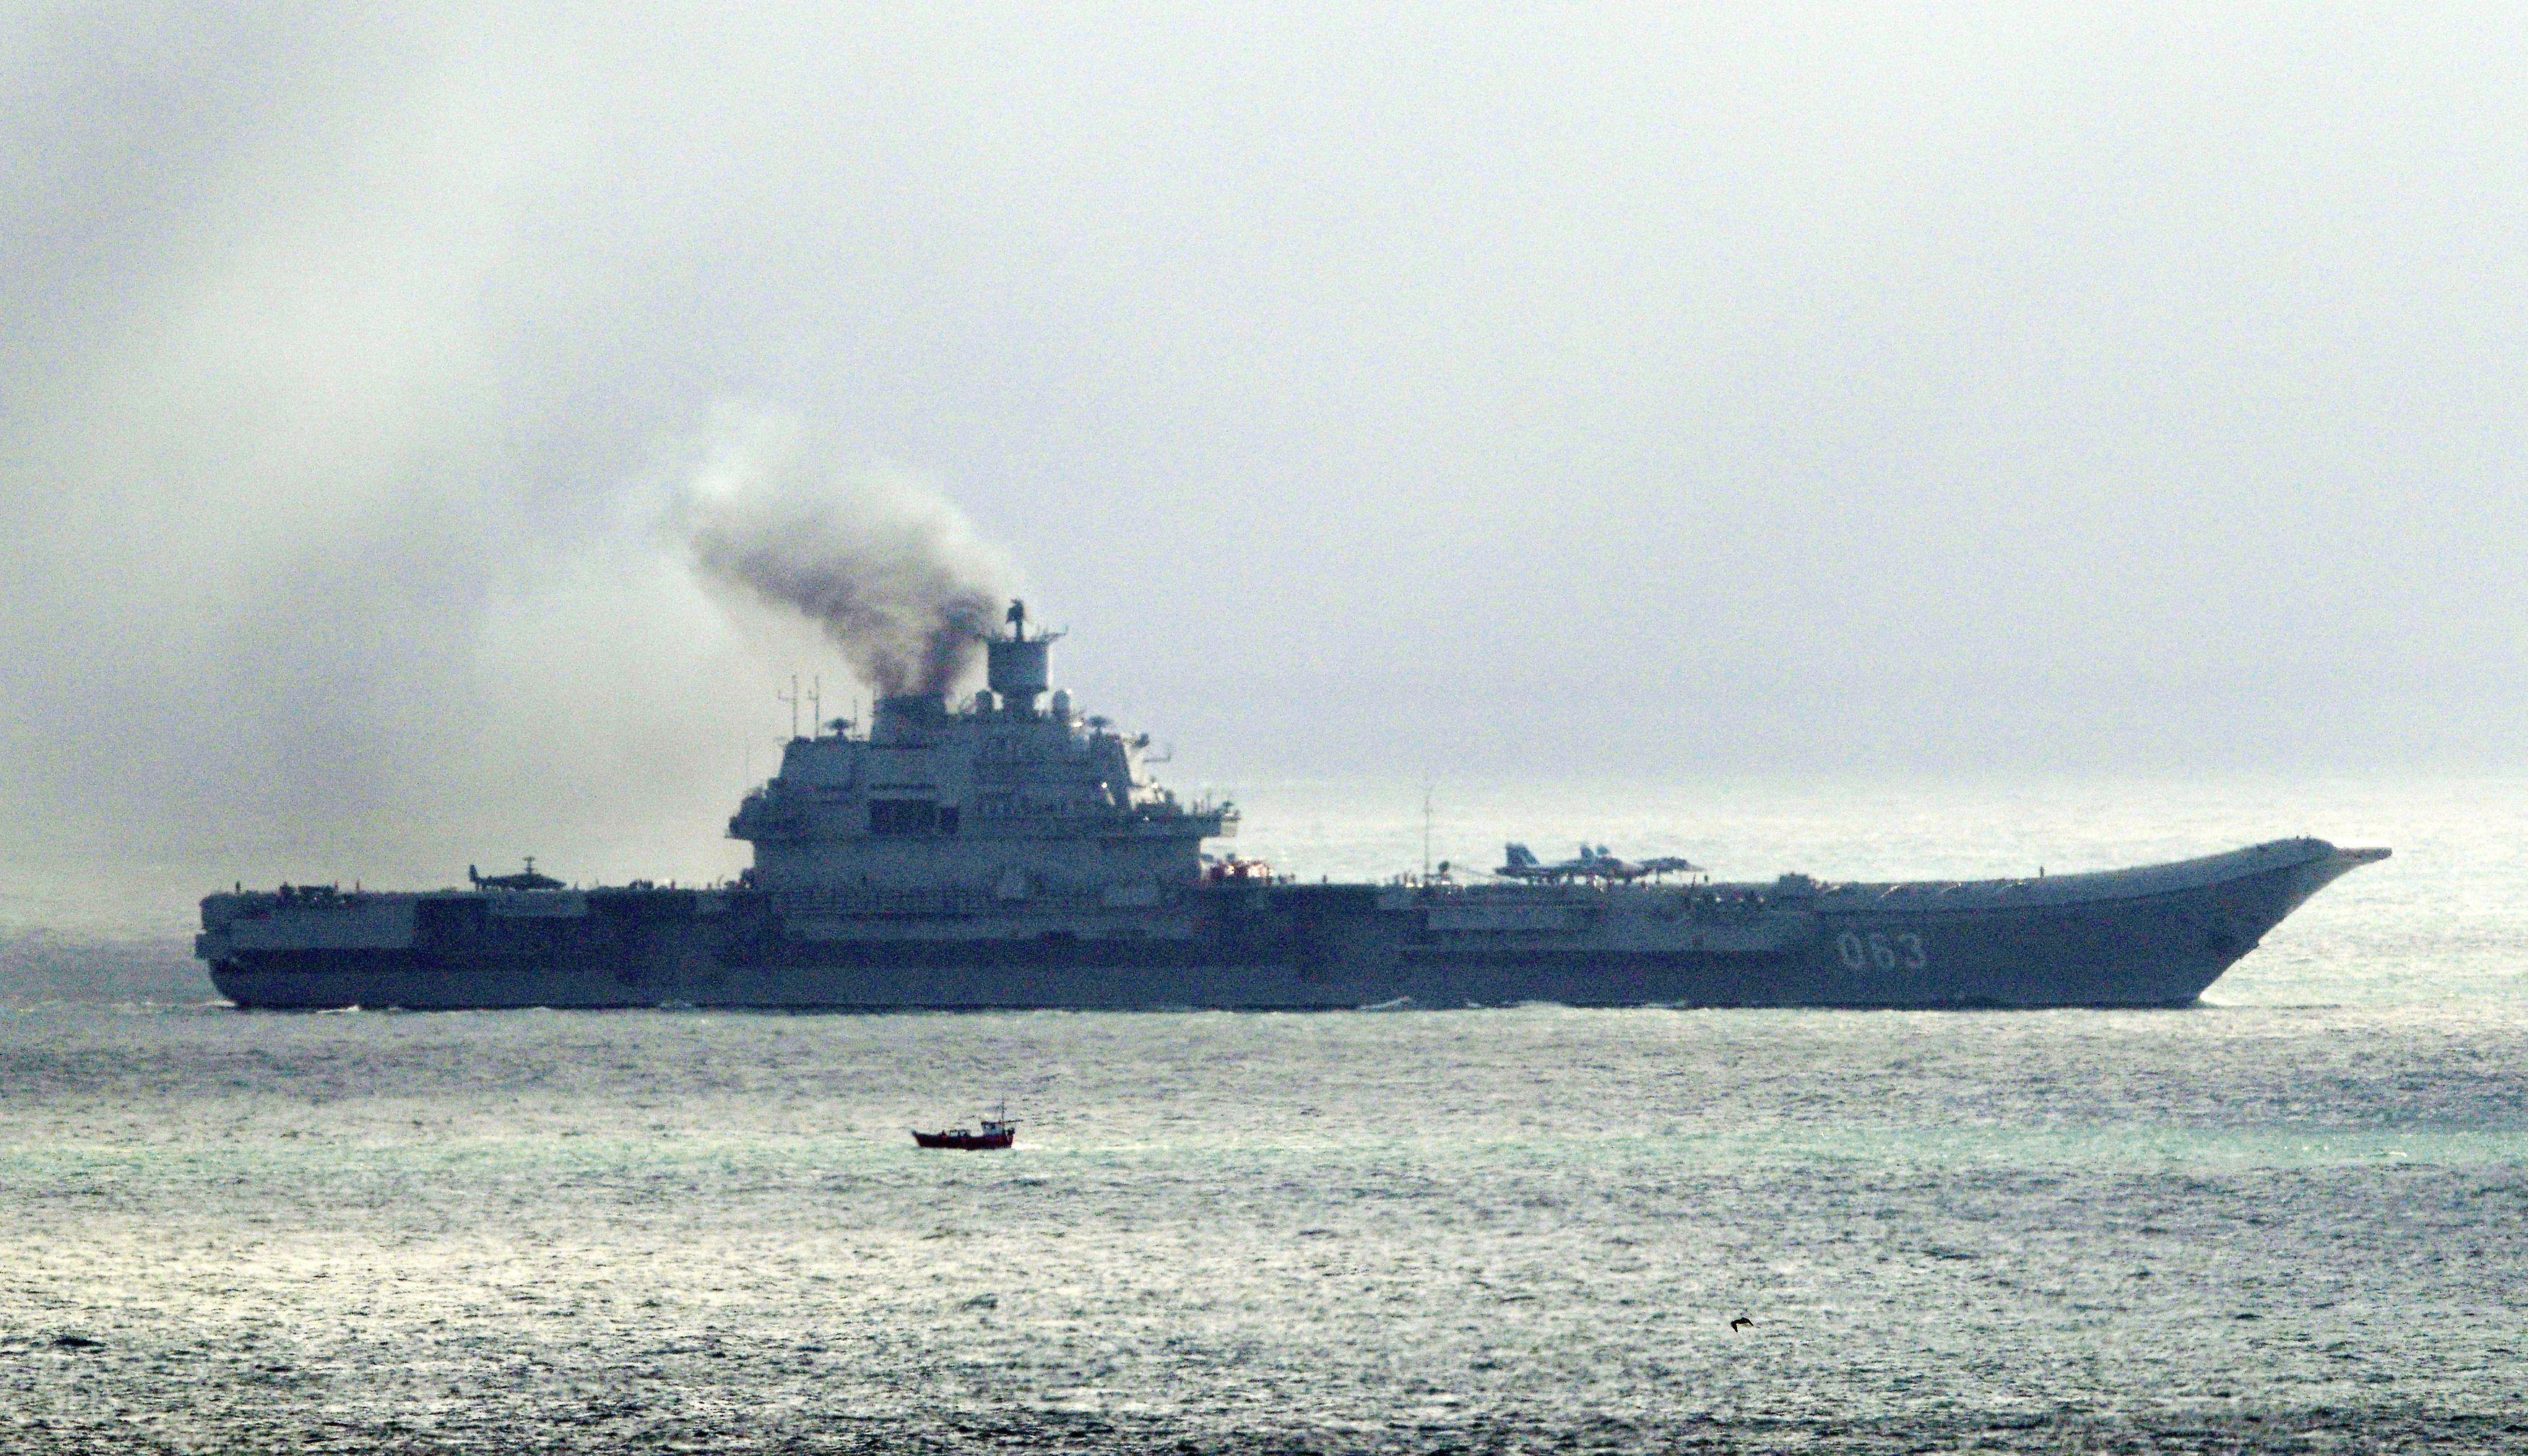 Russian aircraft carrier Admiral Kuznetsov, on Oct. 21, 2016.